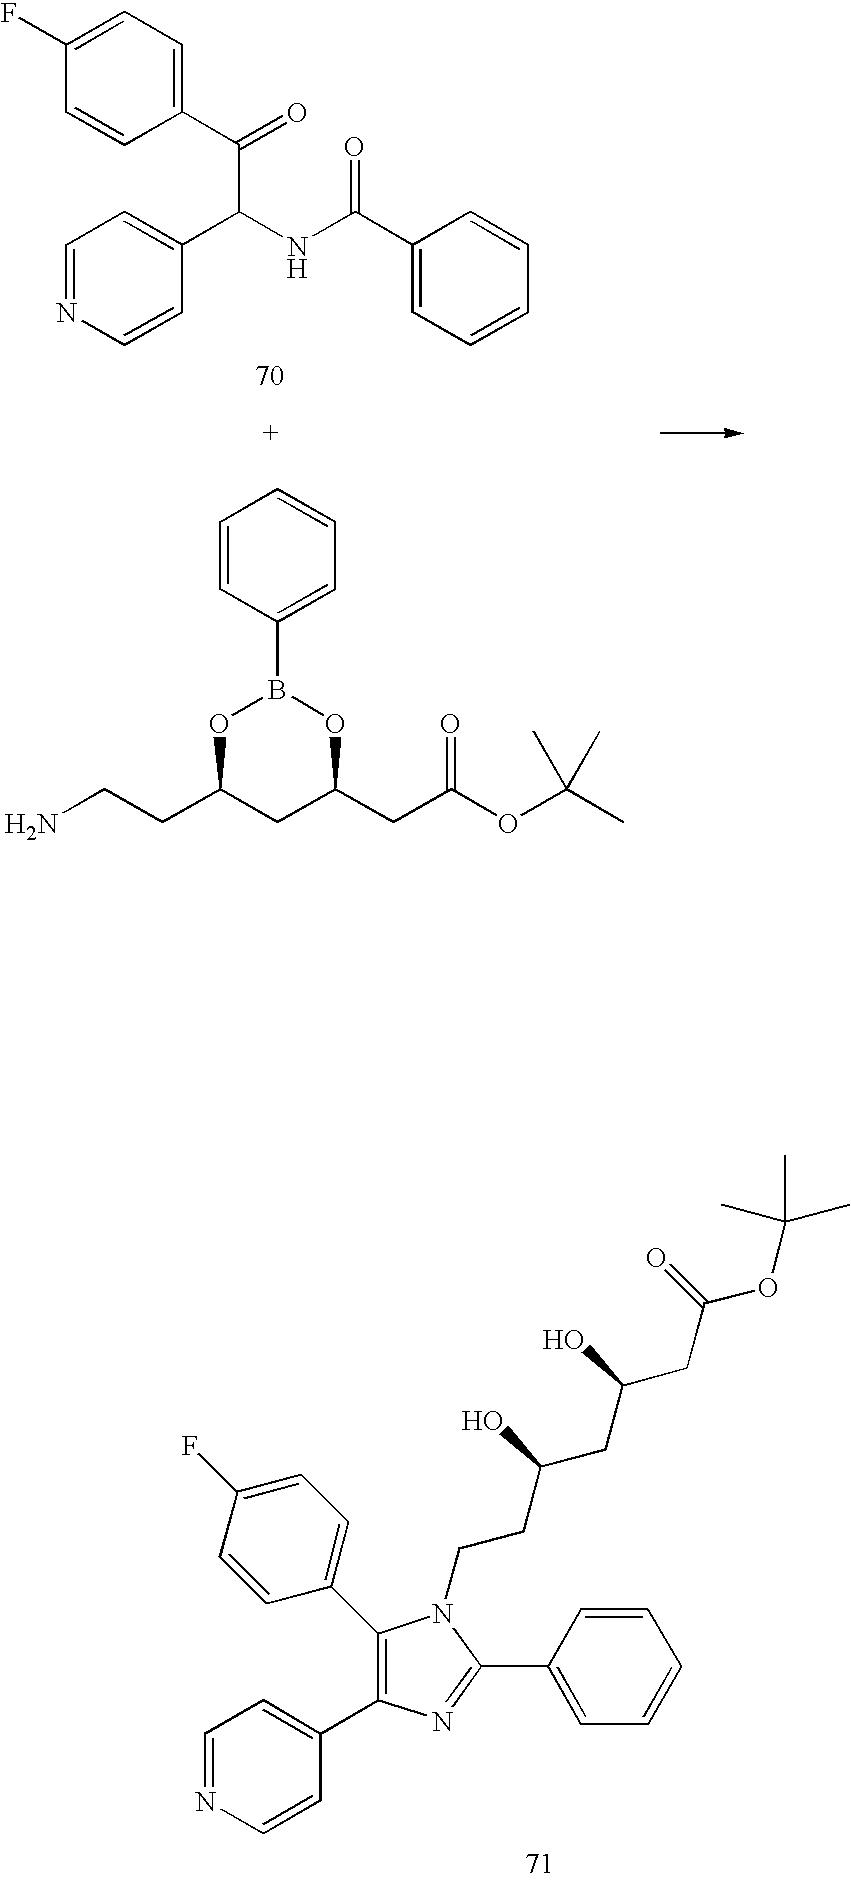 Figure US20050261354A1-20051124-C00198